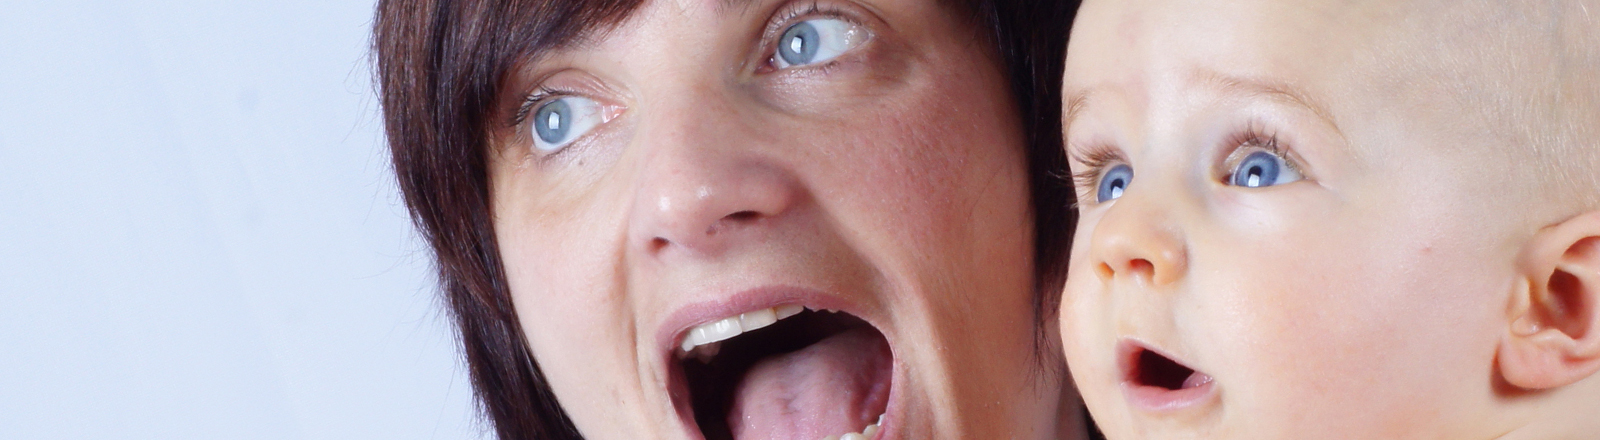 Eine Mutter und ihr Baby reißen ihre Augen und Münder vor Schreck oder Staunen weit auf. Aaaaah!!!